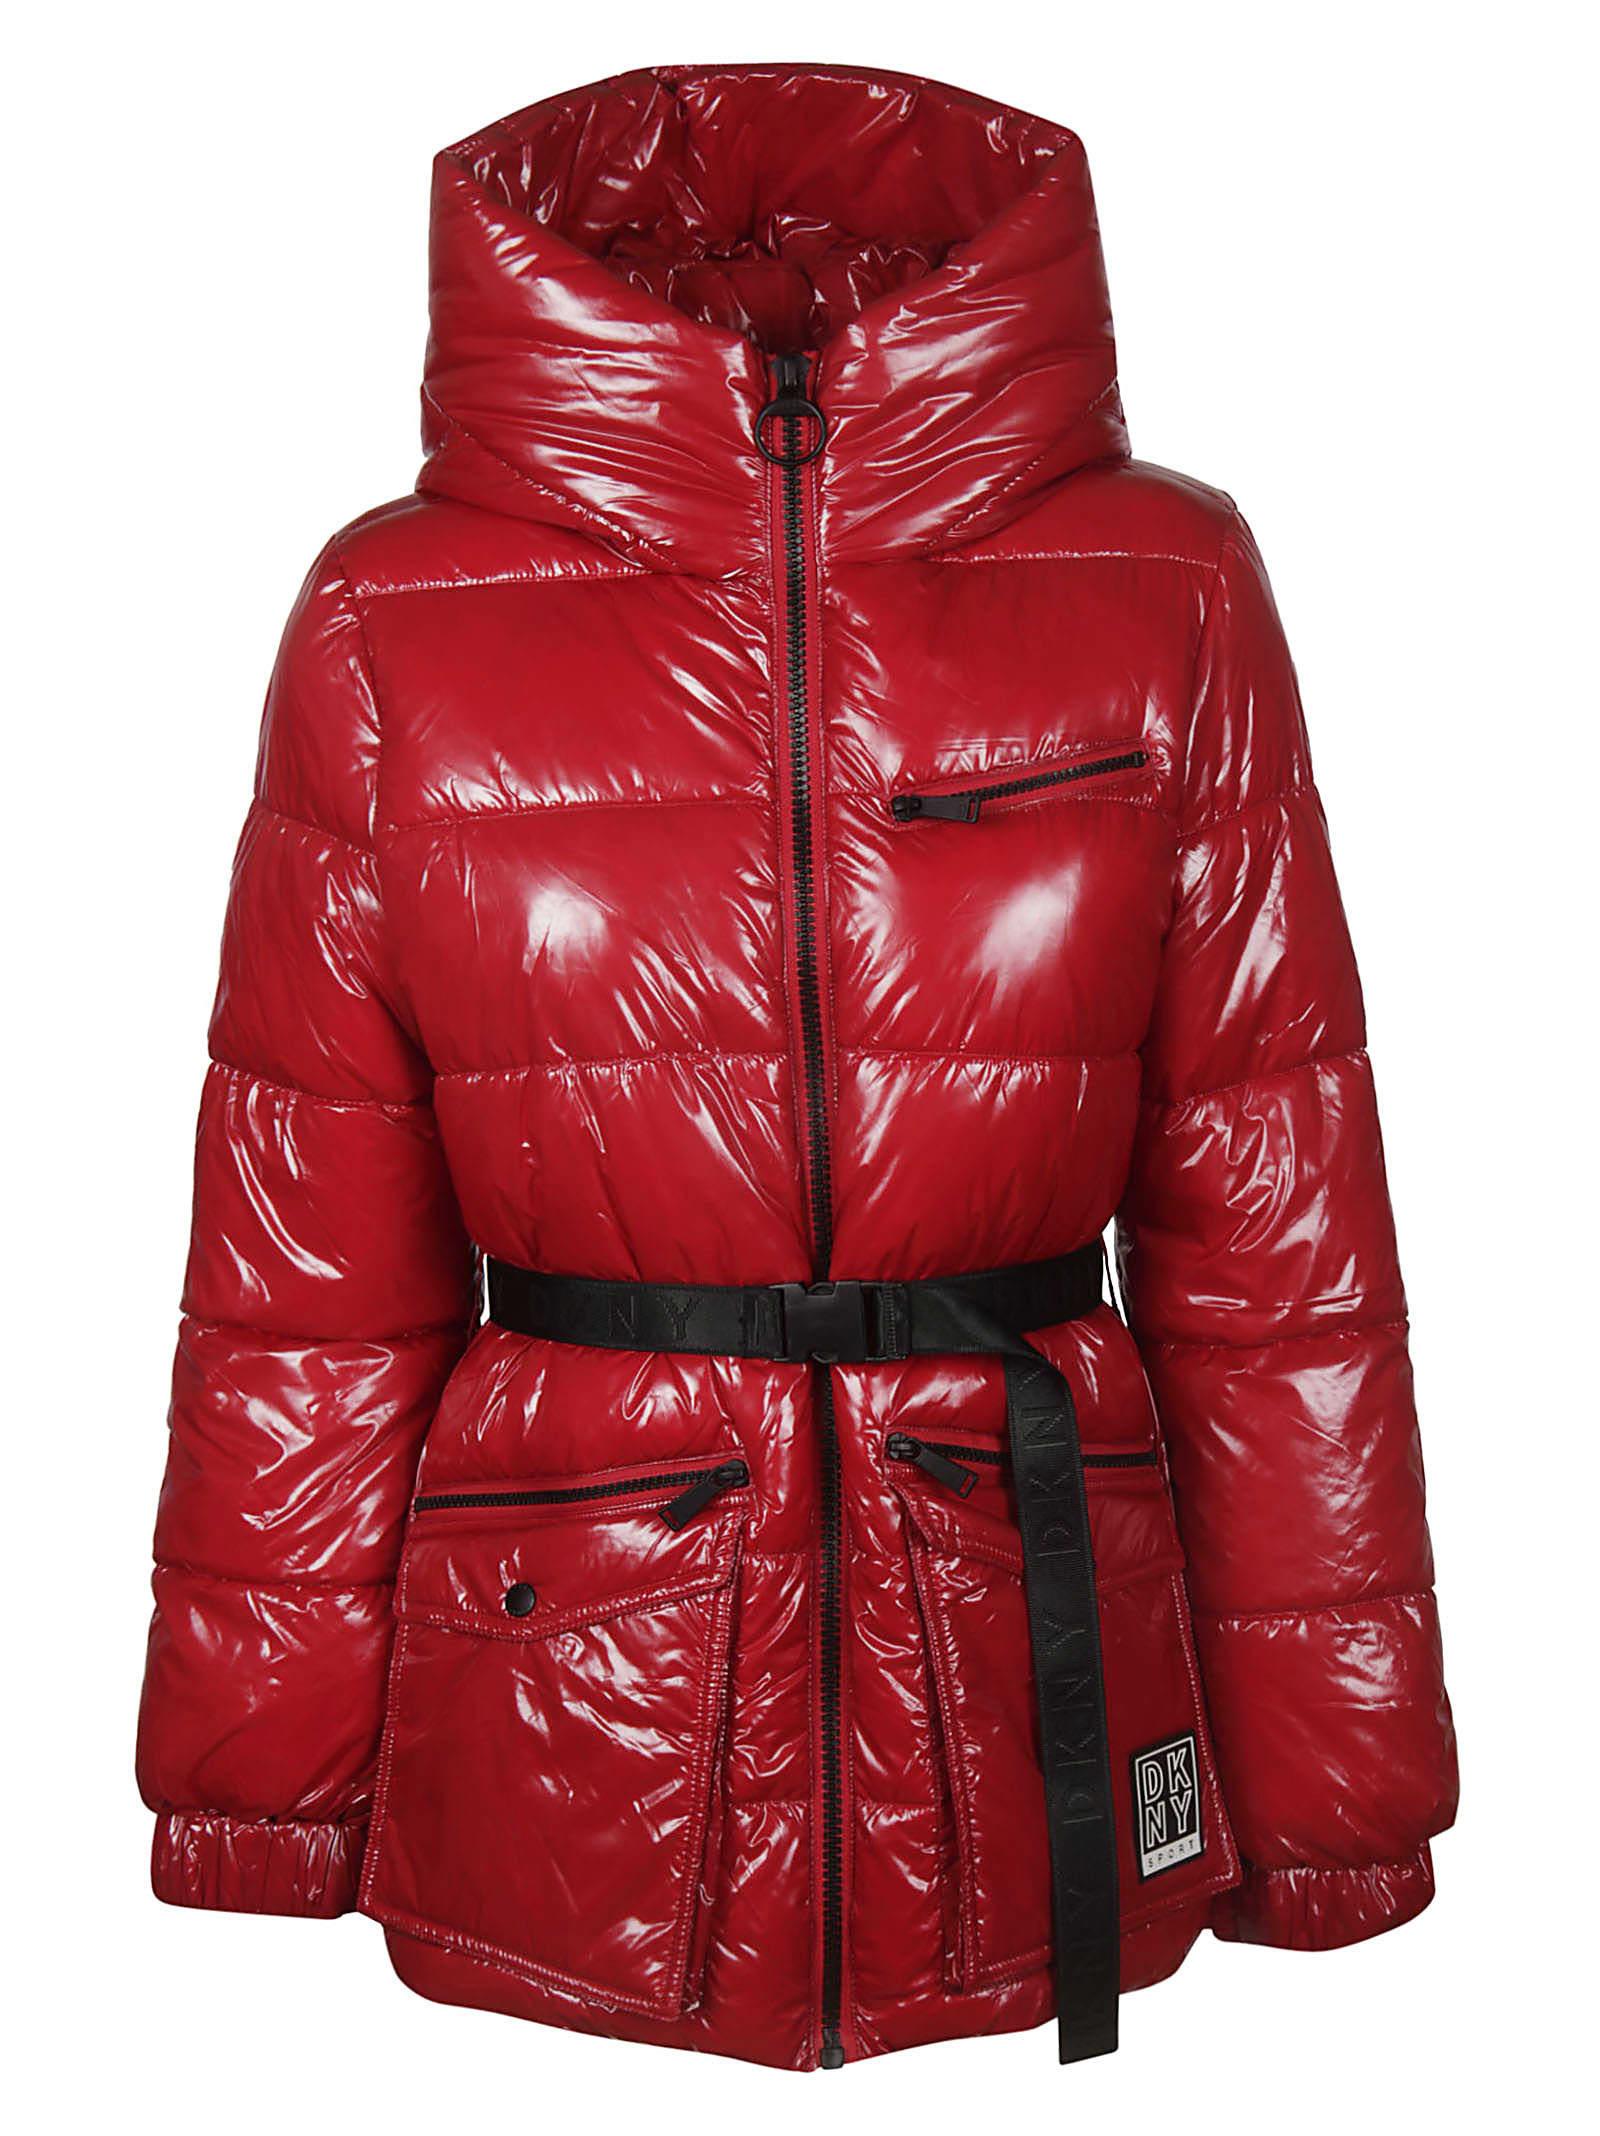 DKNY Hooded Padded Jacket